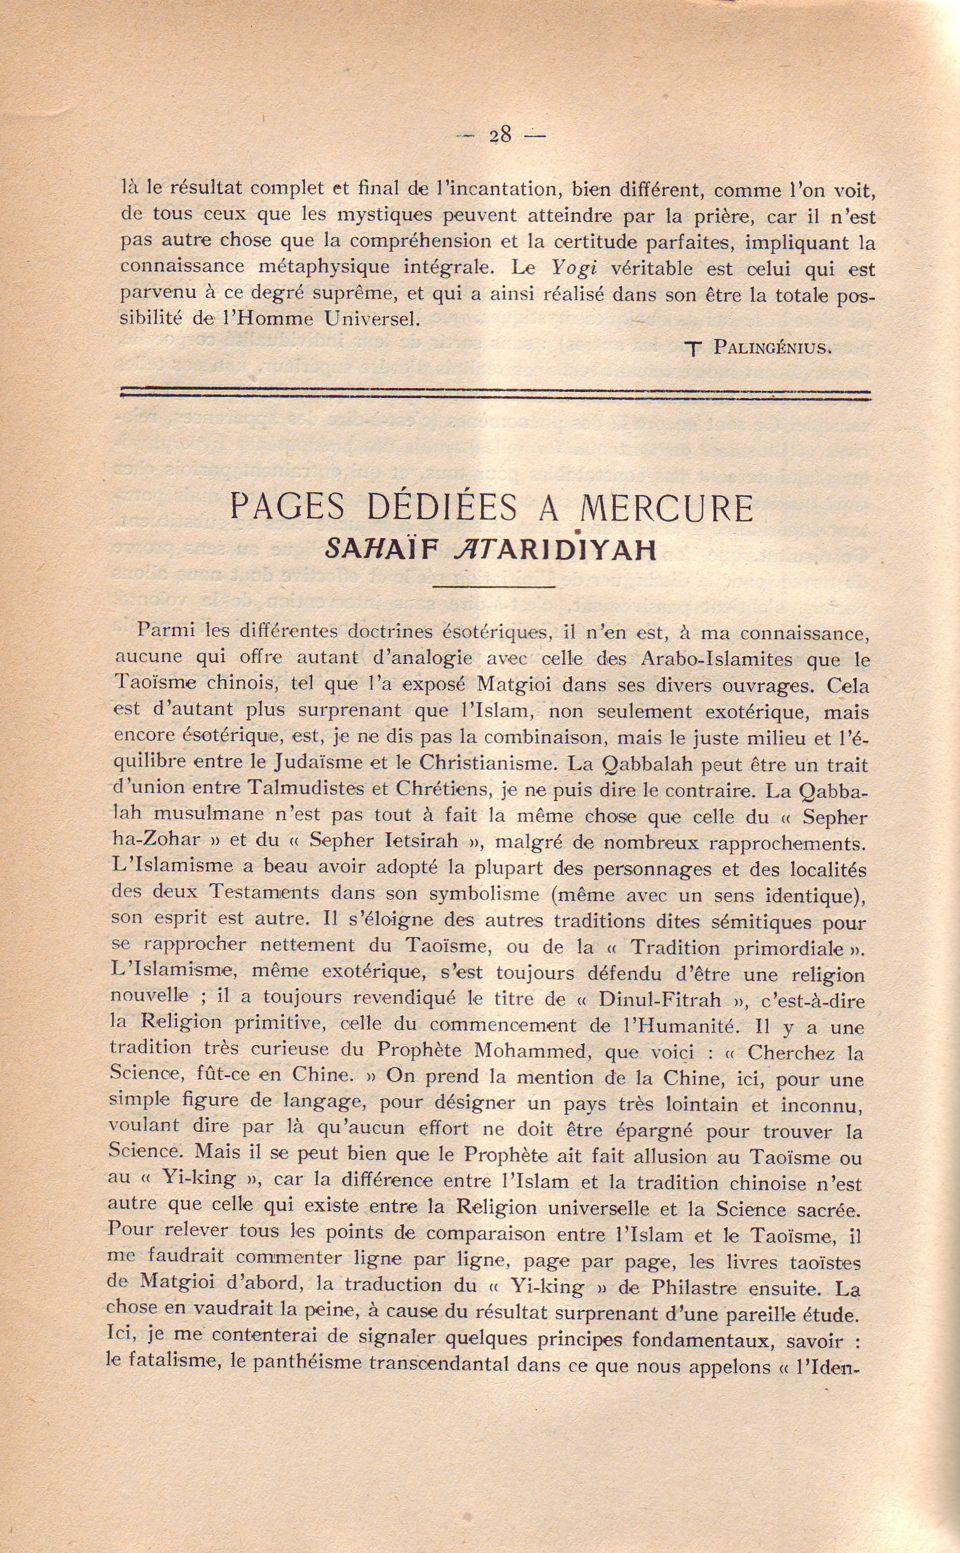 Pages..Mércure . 28